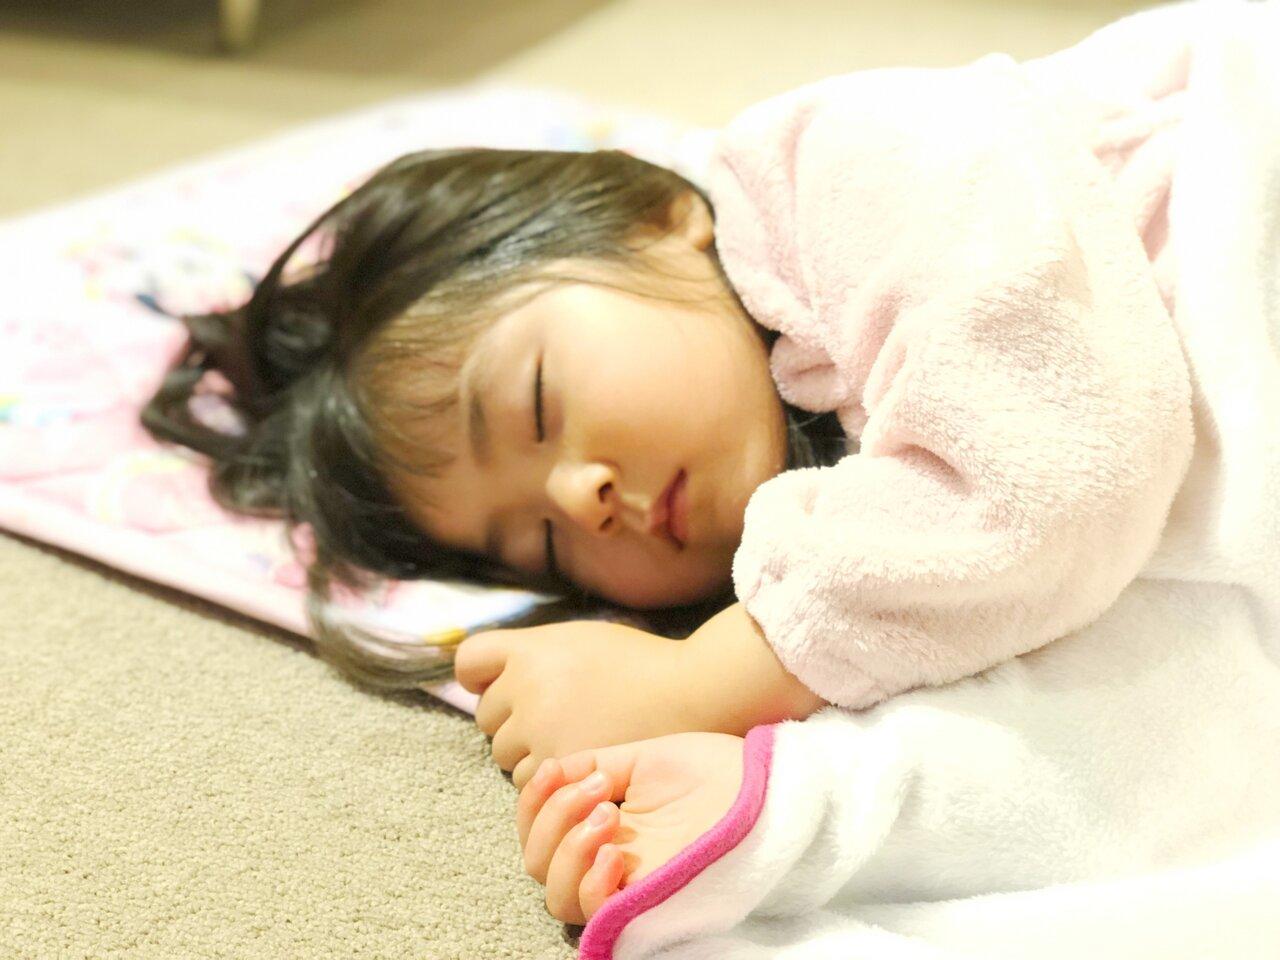 「1歳6ヵ月の女の子。なかなか寝てくれず、イライラしてしまいます」子育て相談 モンテッソーリで考えよう!